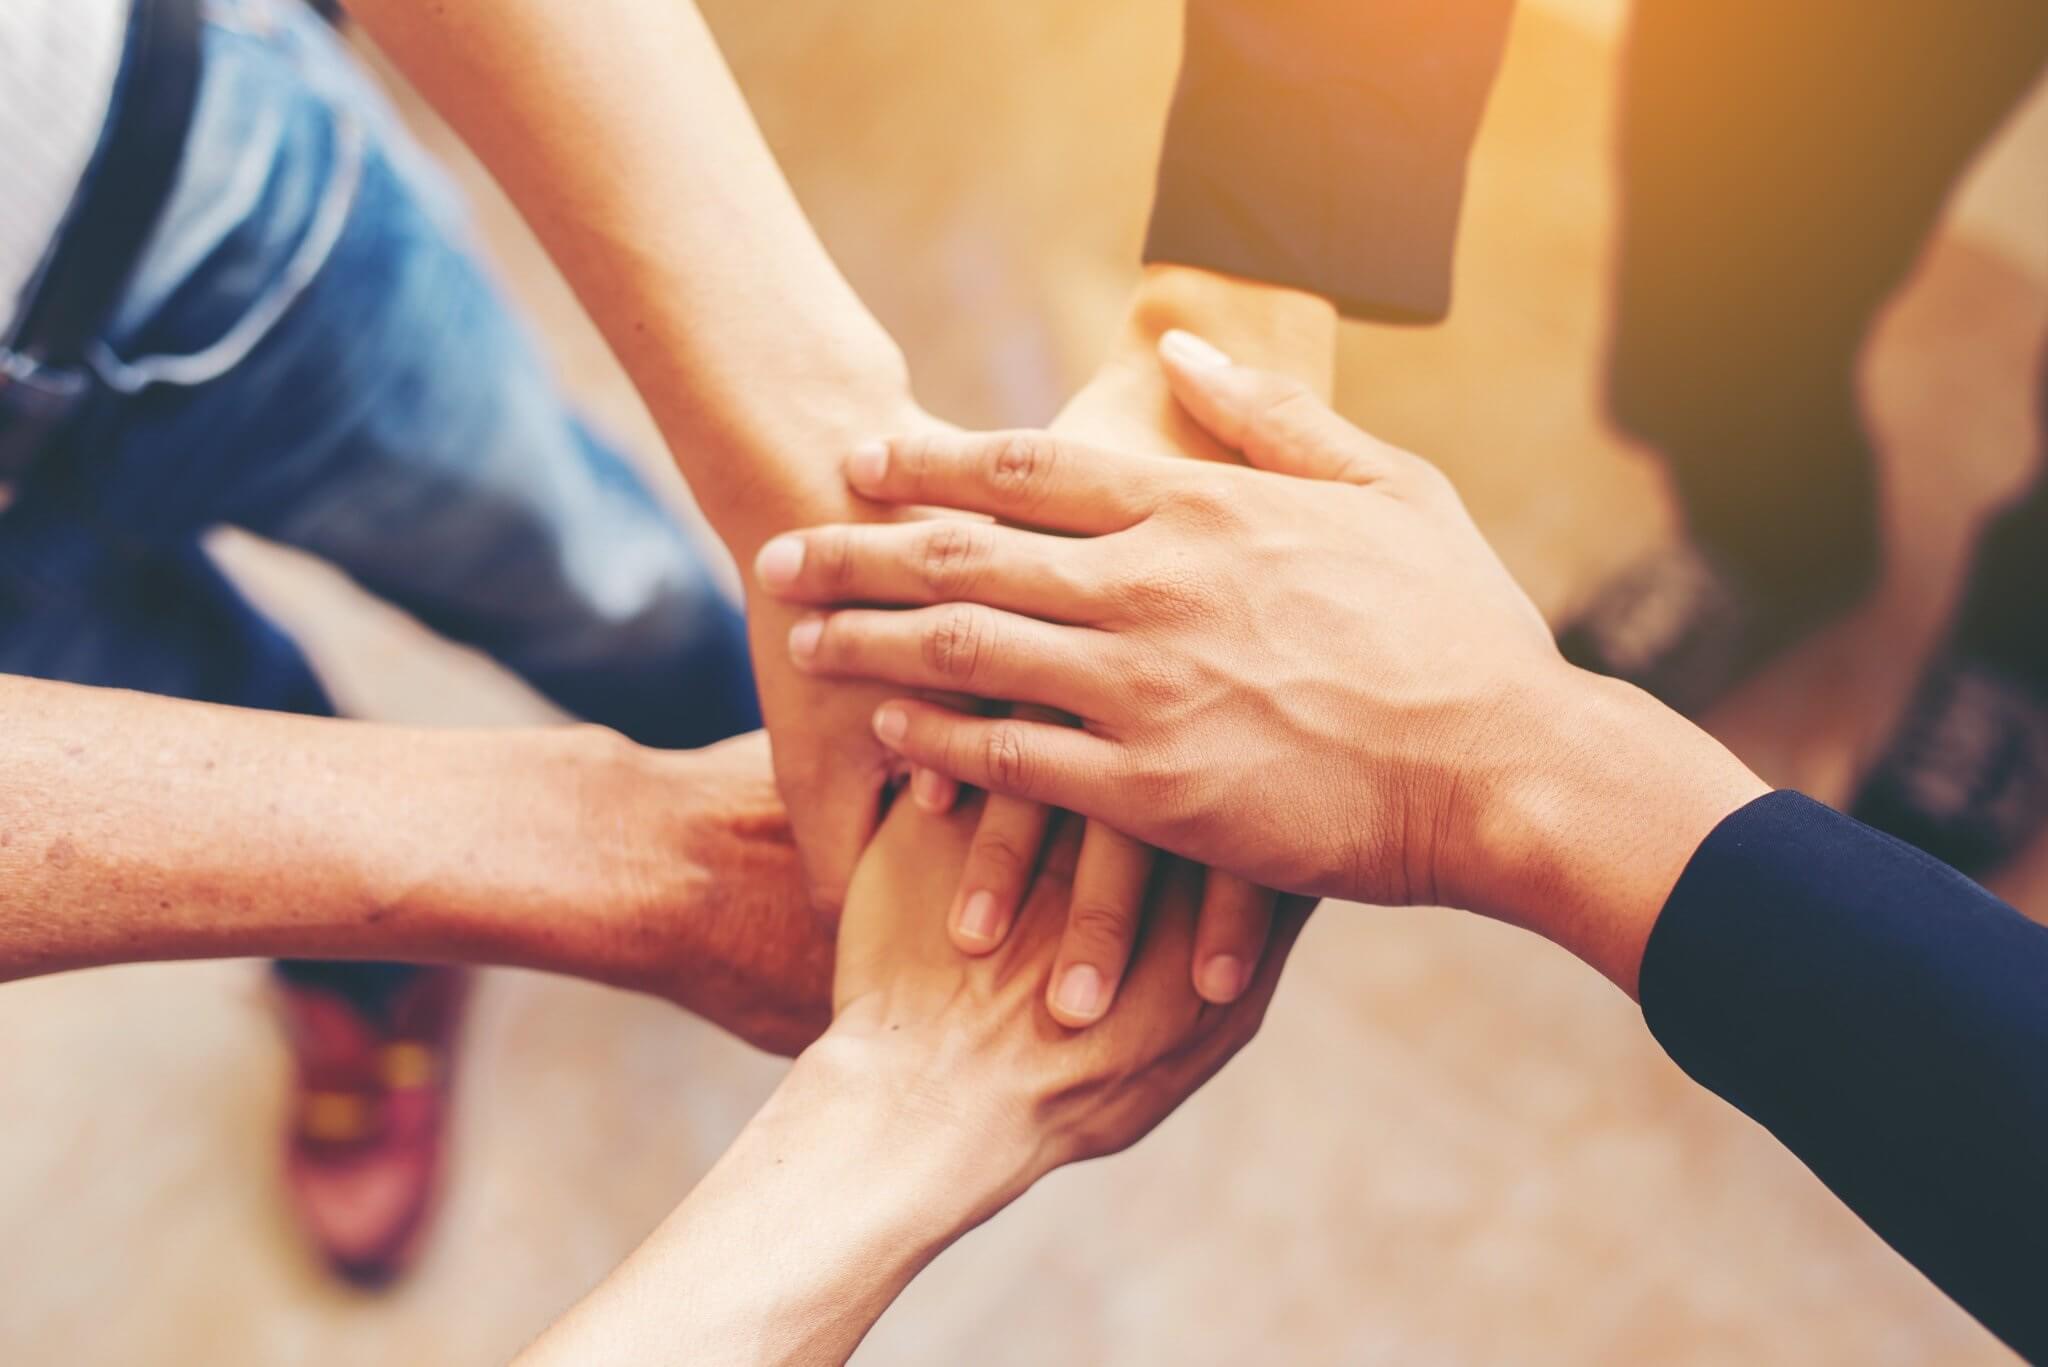 Mãos uma em cima da outra em gesto de estão todos juntos como uma equipe